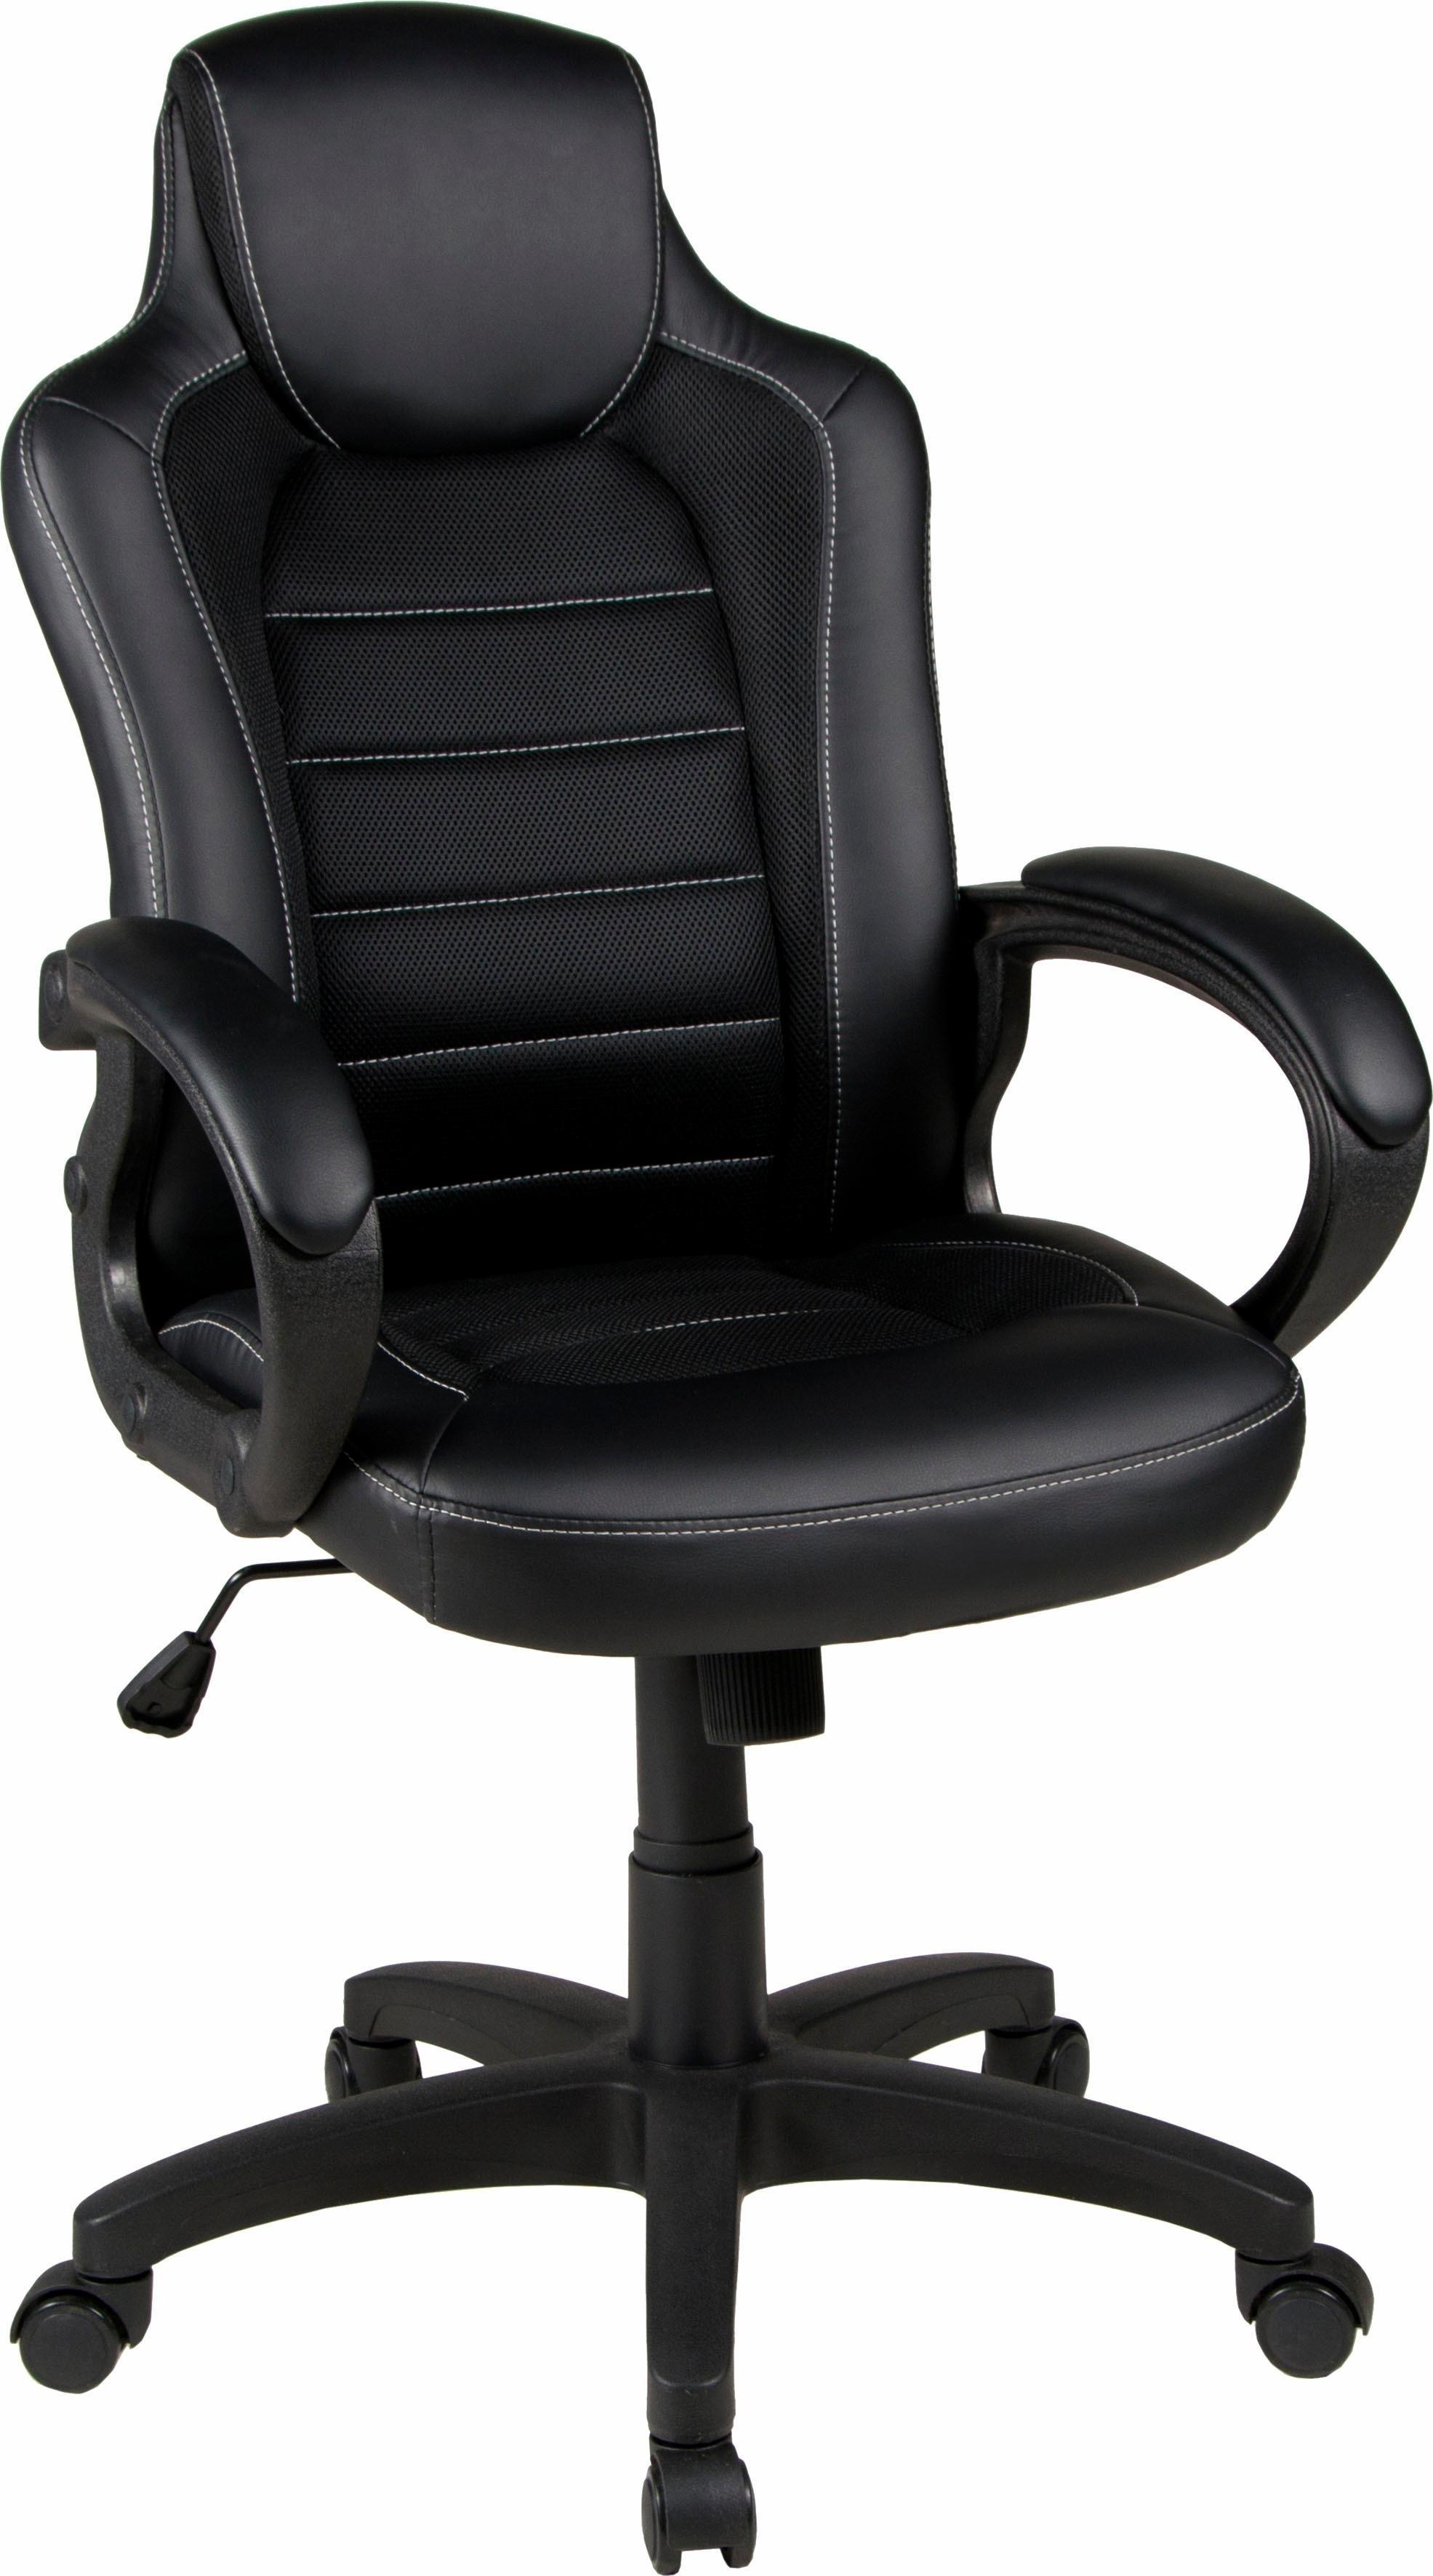 Duo collection bureaustoel joris online bestellen otto for Bureau stoel